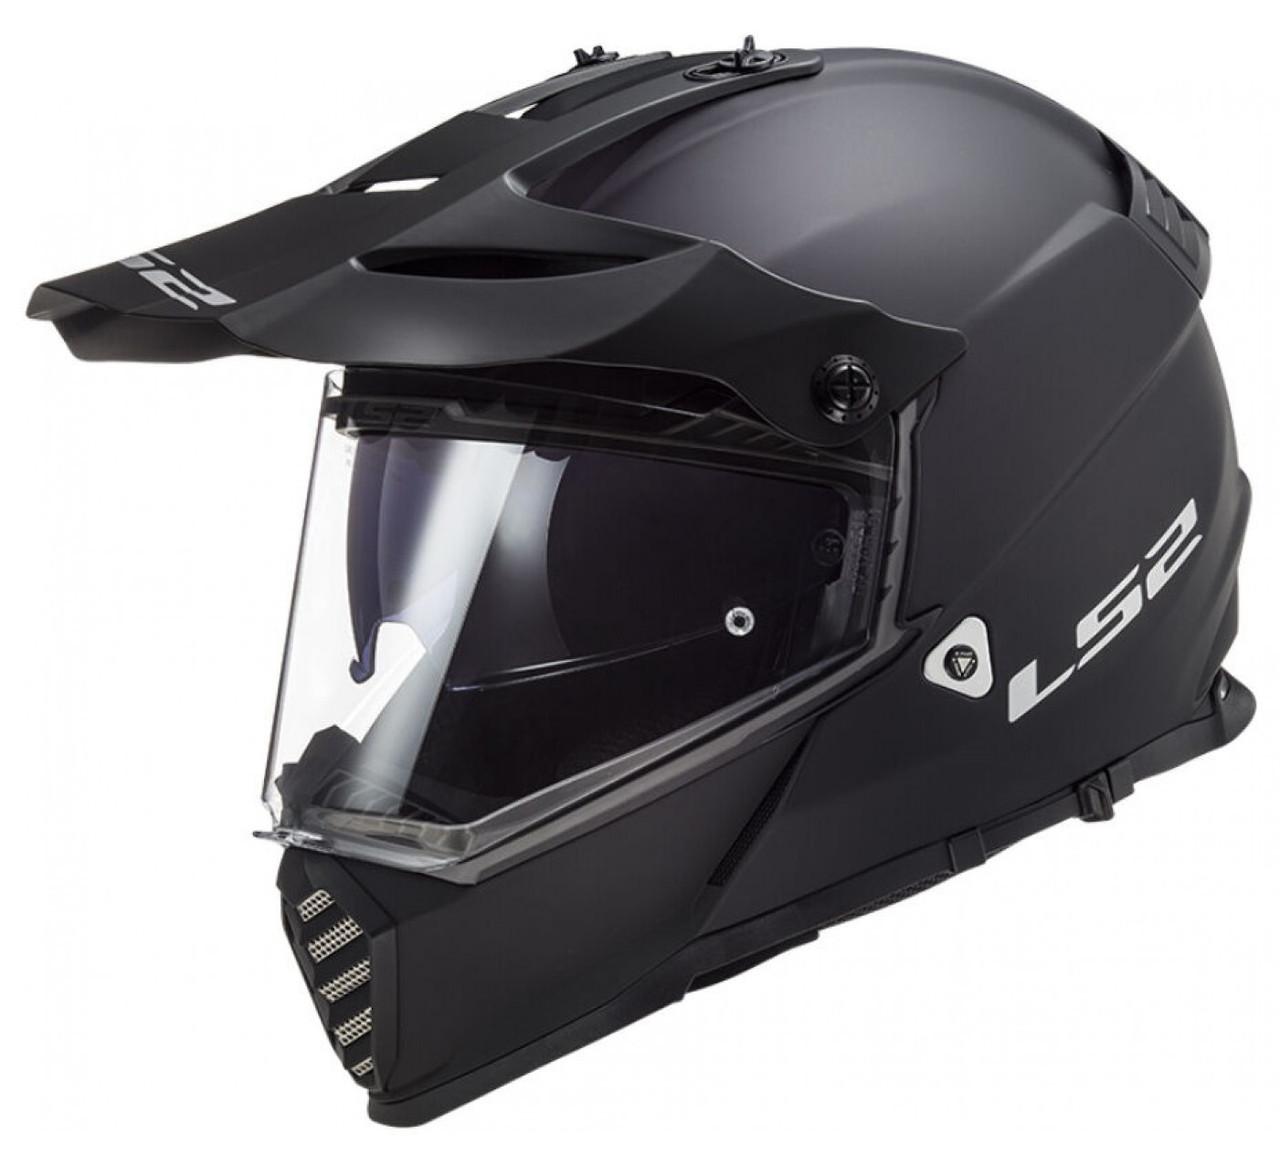 Мотошлем LS2 MX436 Pioneer Evo матовый черный, M